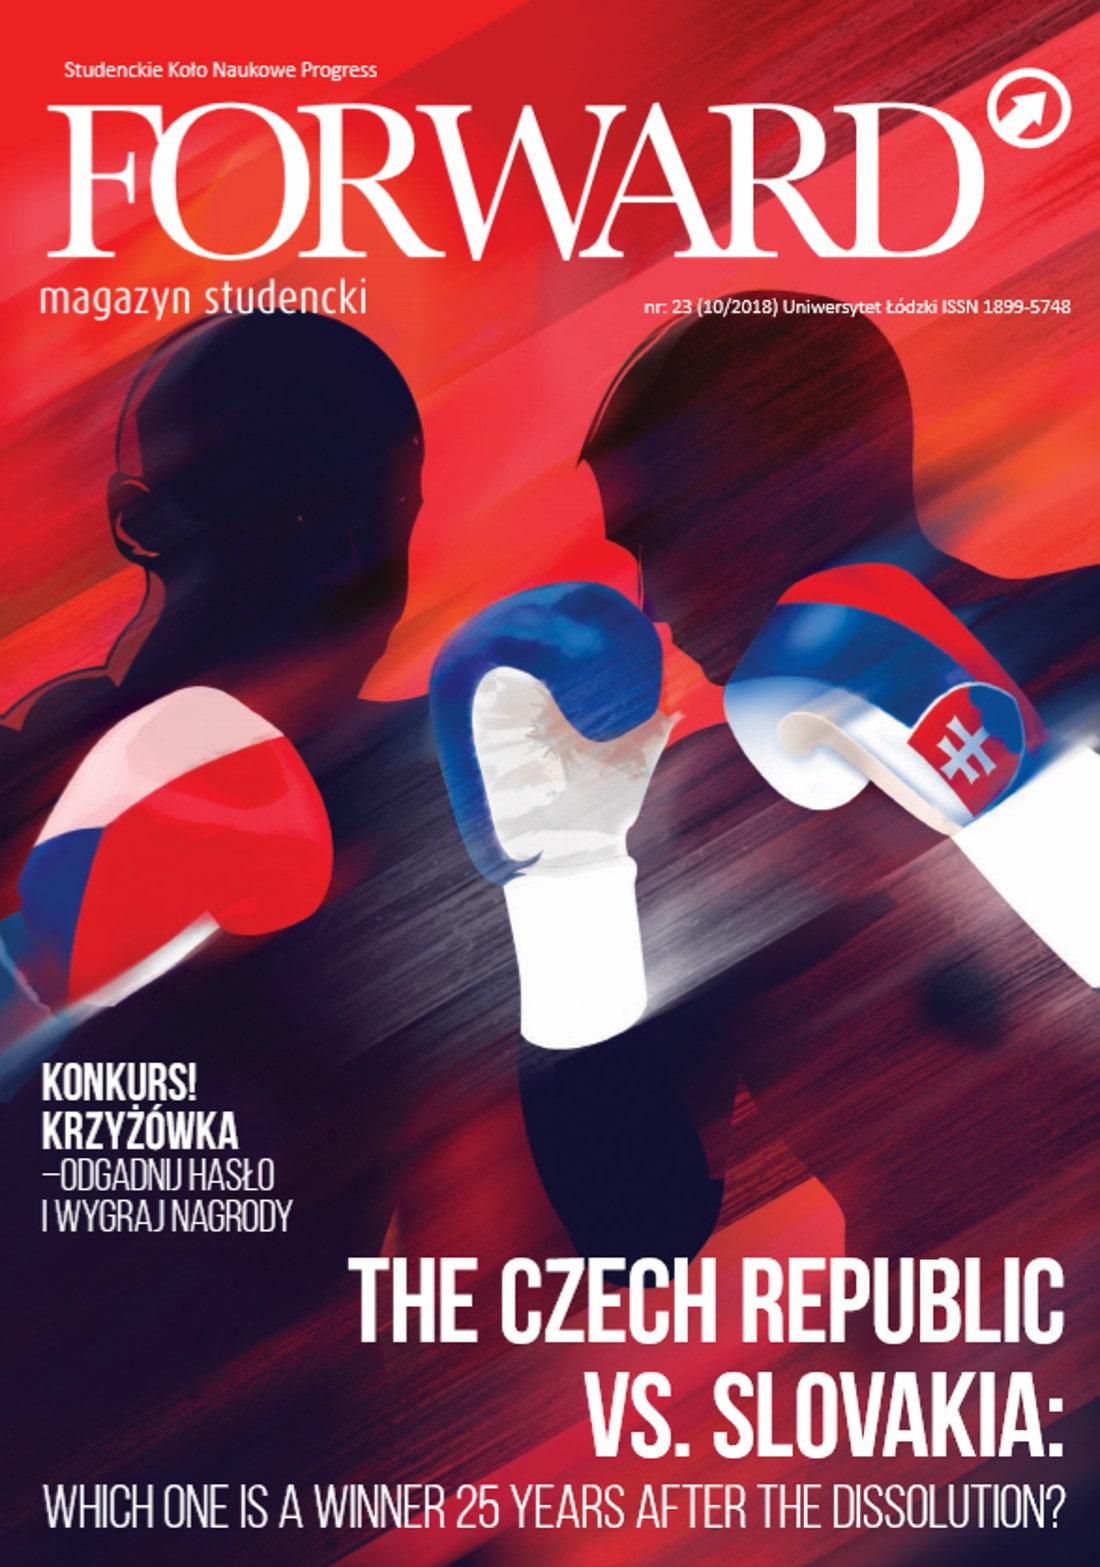 Zobacz, co można znaleźć w najnowszym numerze magazynu Forward!